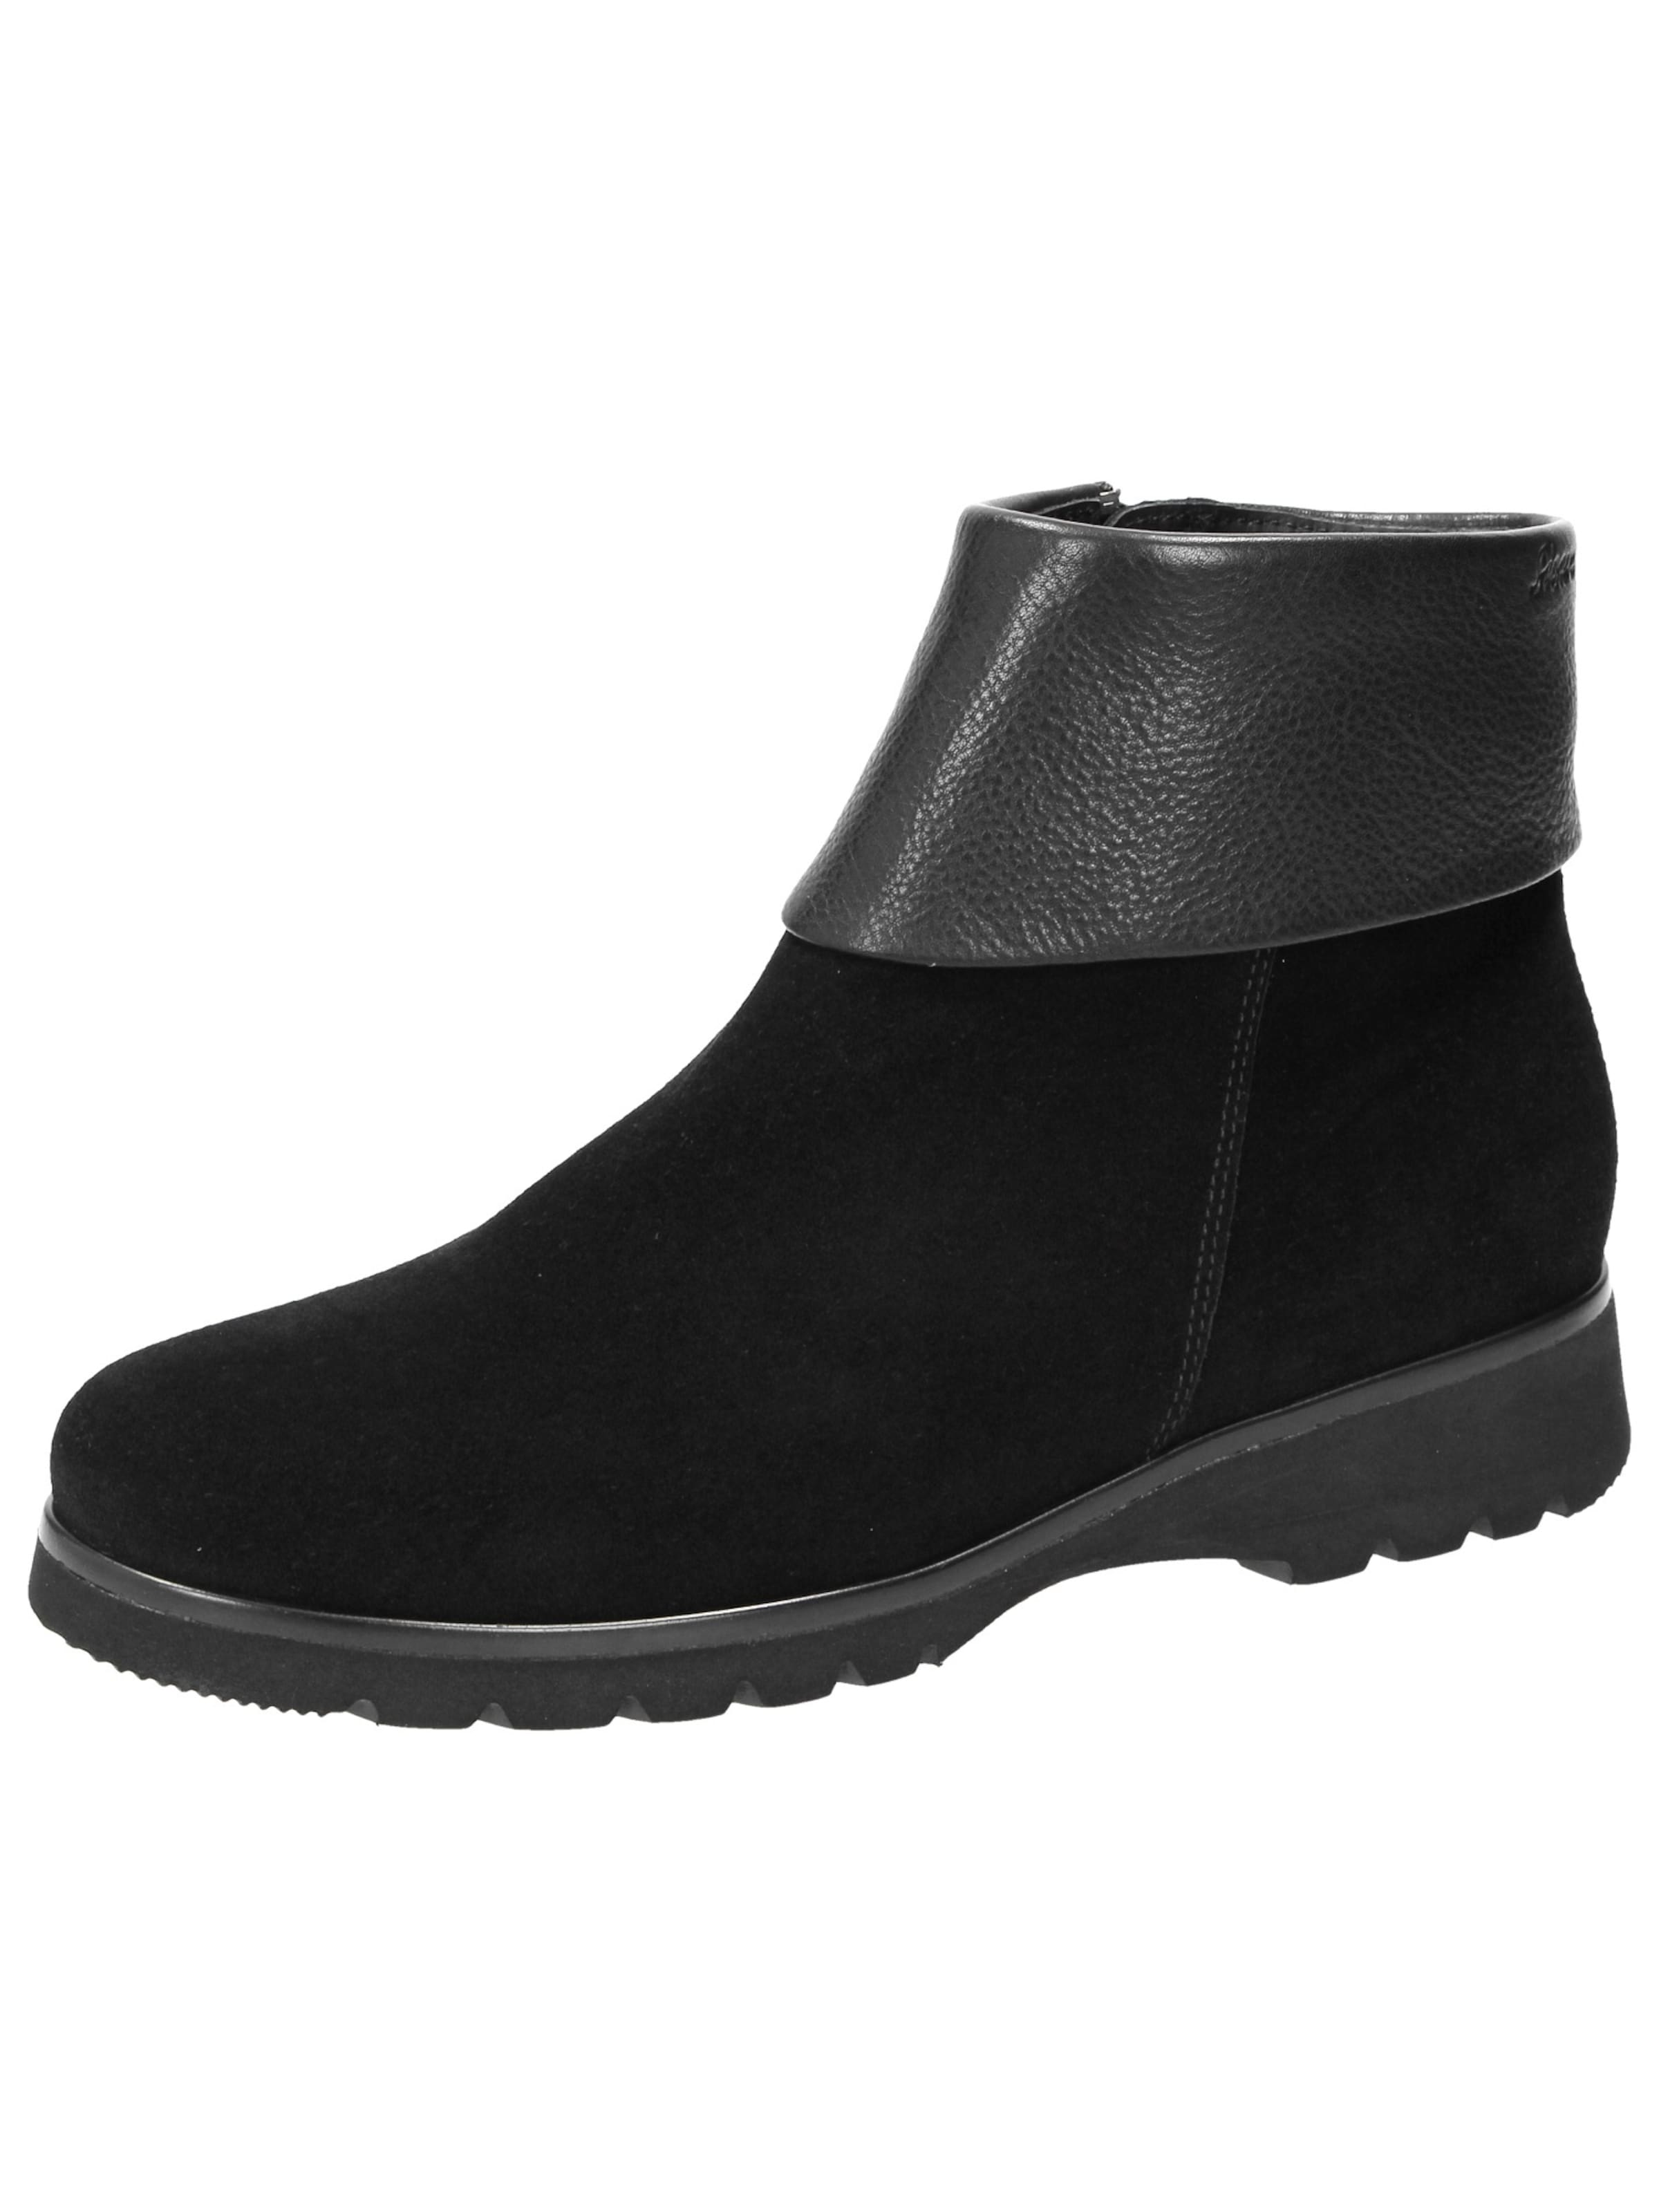 SIOUX Stiefelette Palomira-XL Verschleißfeste billige Schuhe